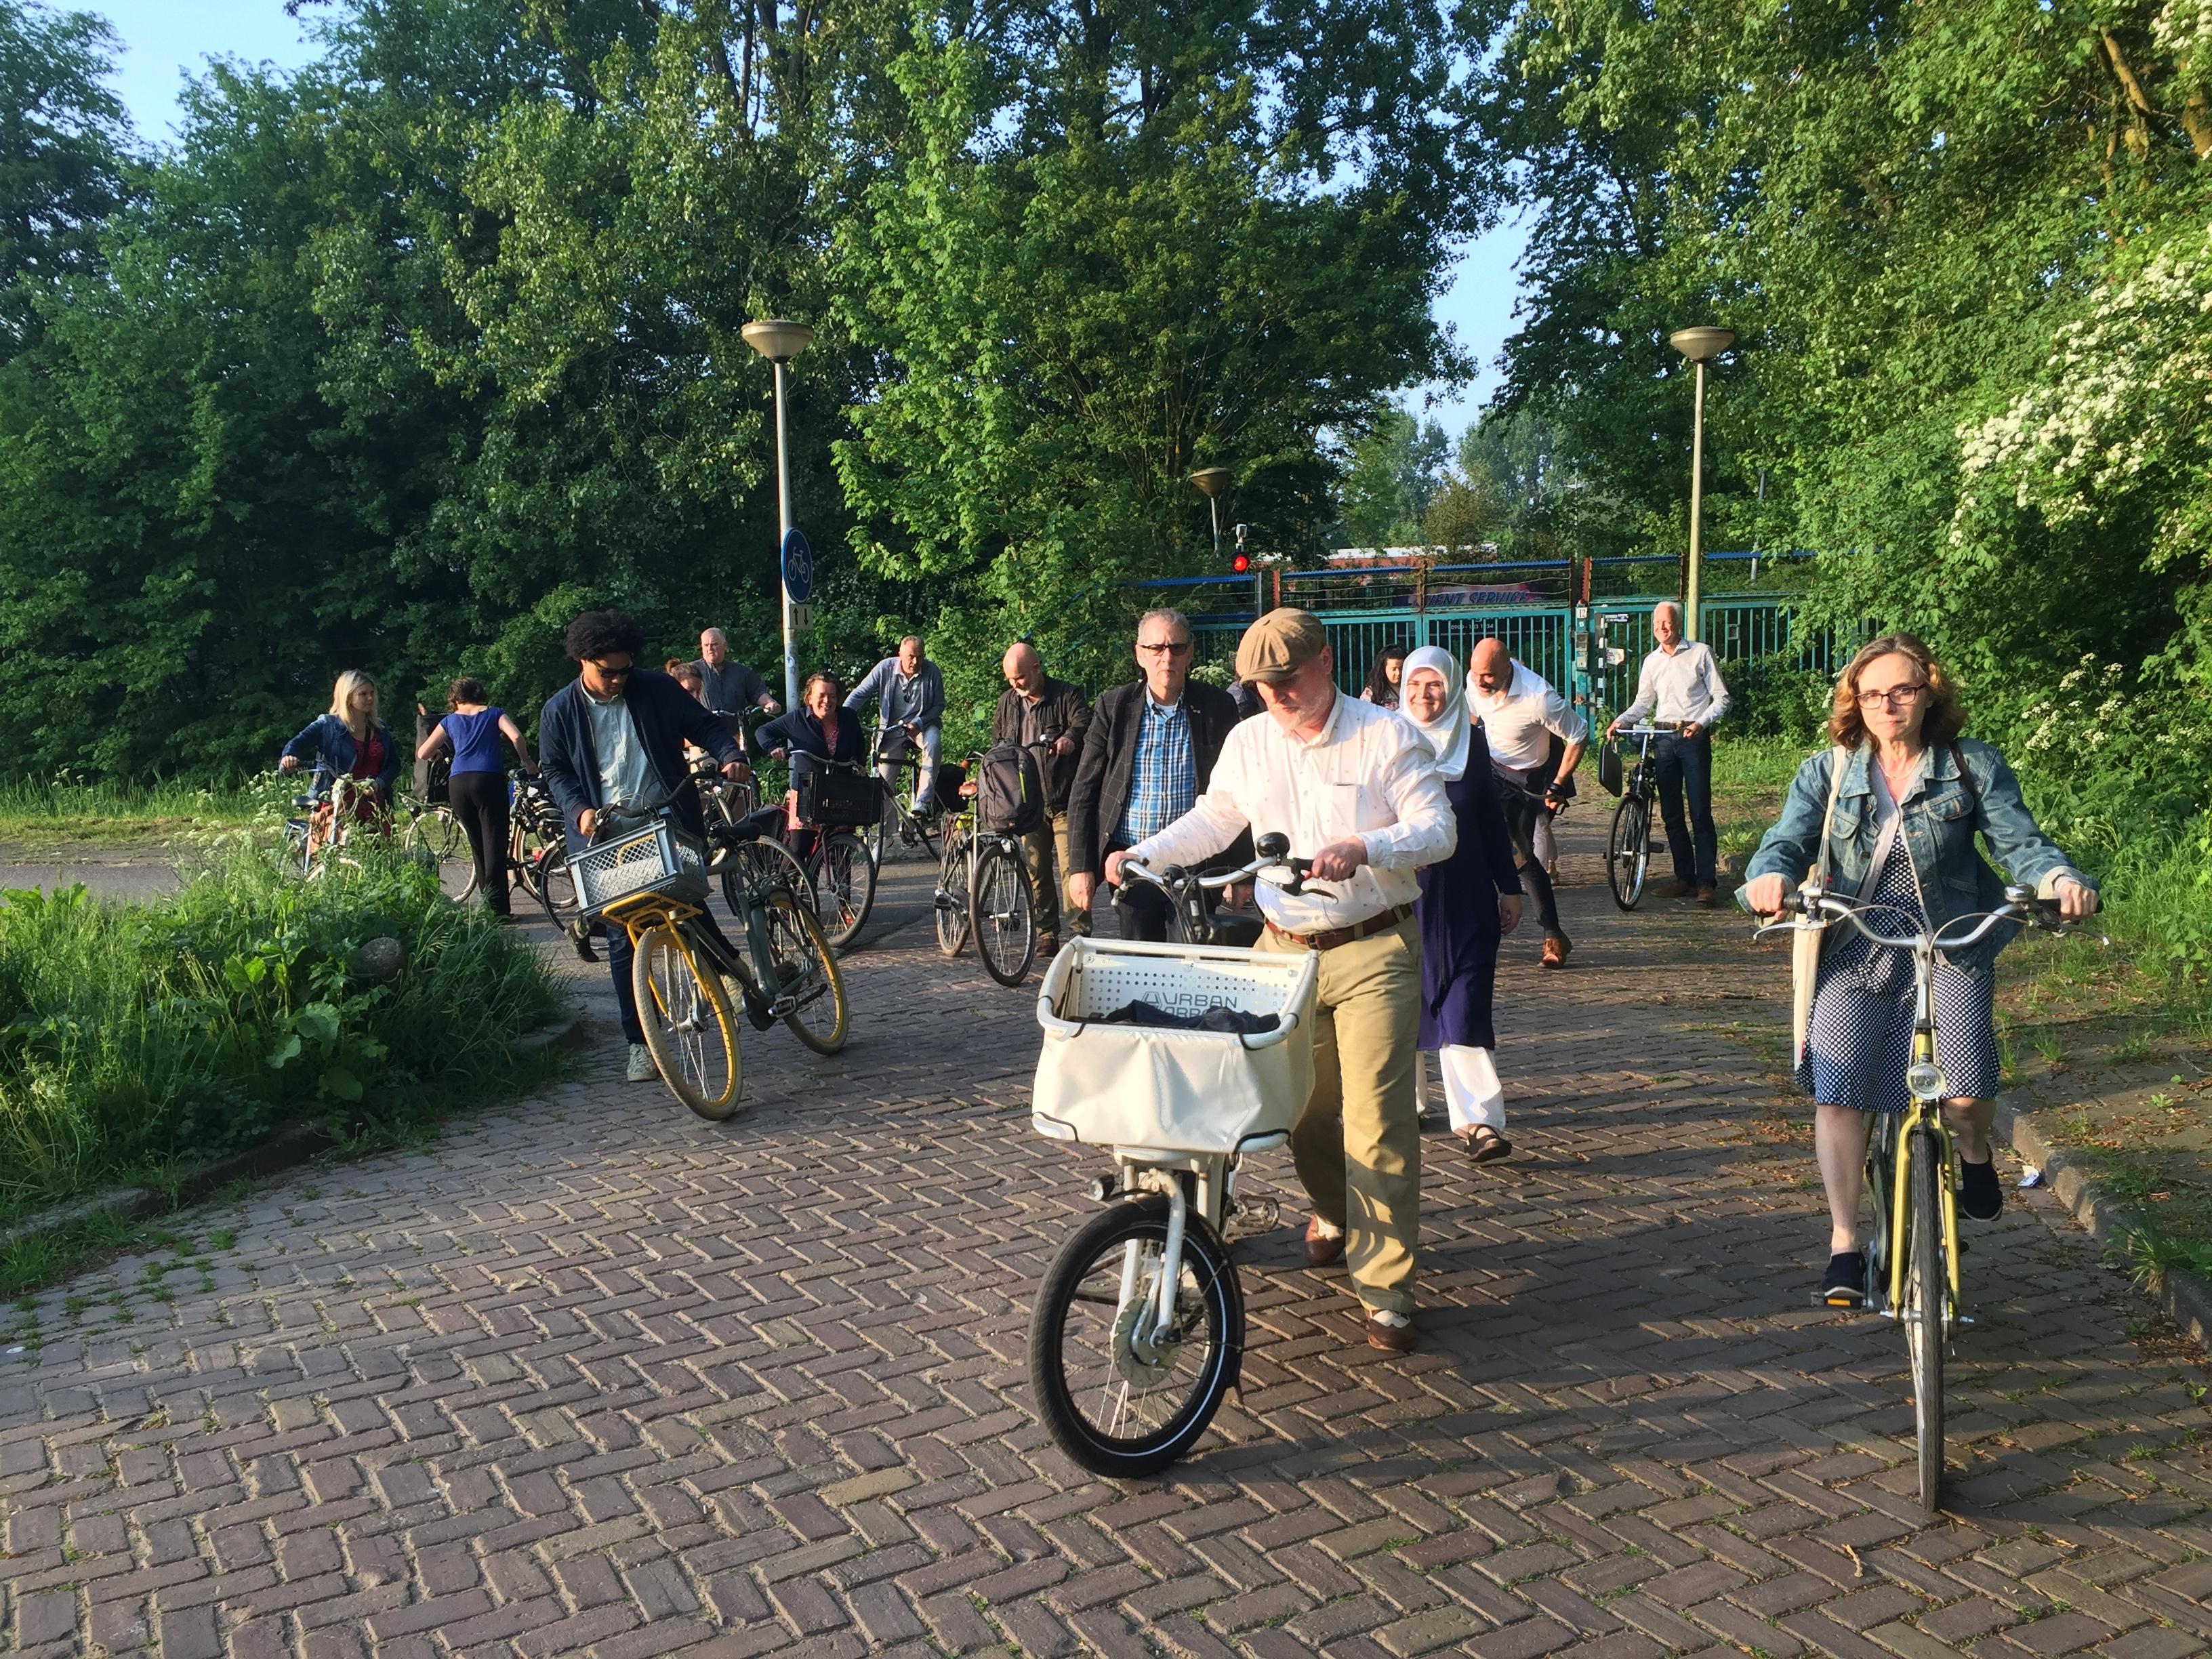 De stadsdeelcommissie springt weer op de fiets. (Foto: aangeleverd)